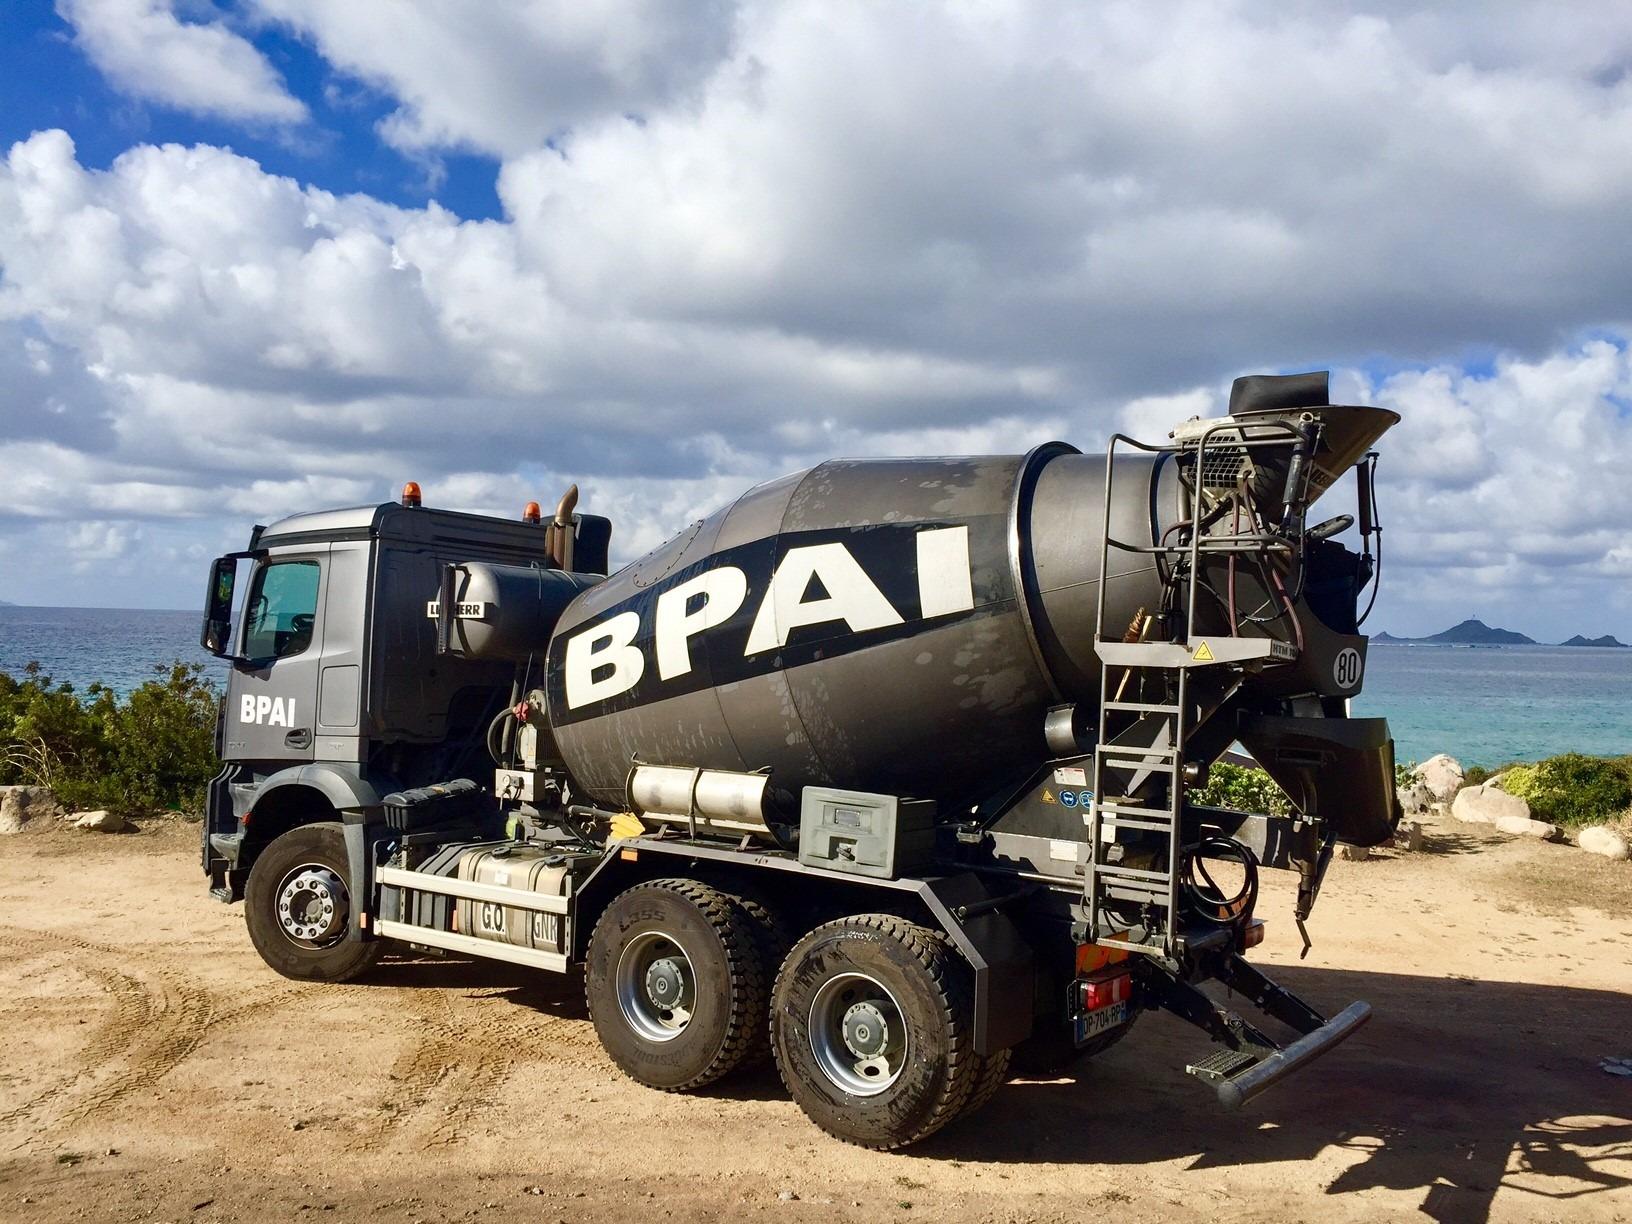 camion toupie camion malaxeur ou bétonnière portée BPAI partenaire Lafarge spécialiste du béton prêt à l'emploi, accompagne professionnels et particuliers dans leurs projets de constructions, d'aménagements et de rénovations.